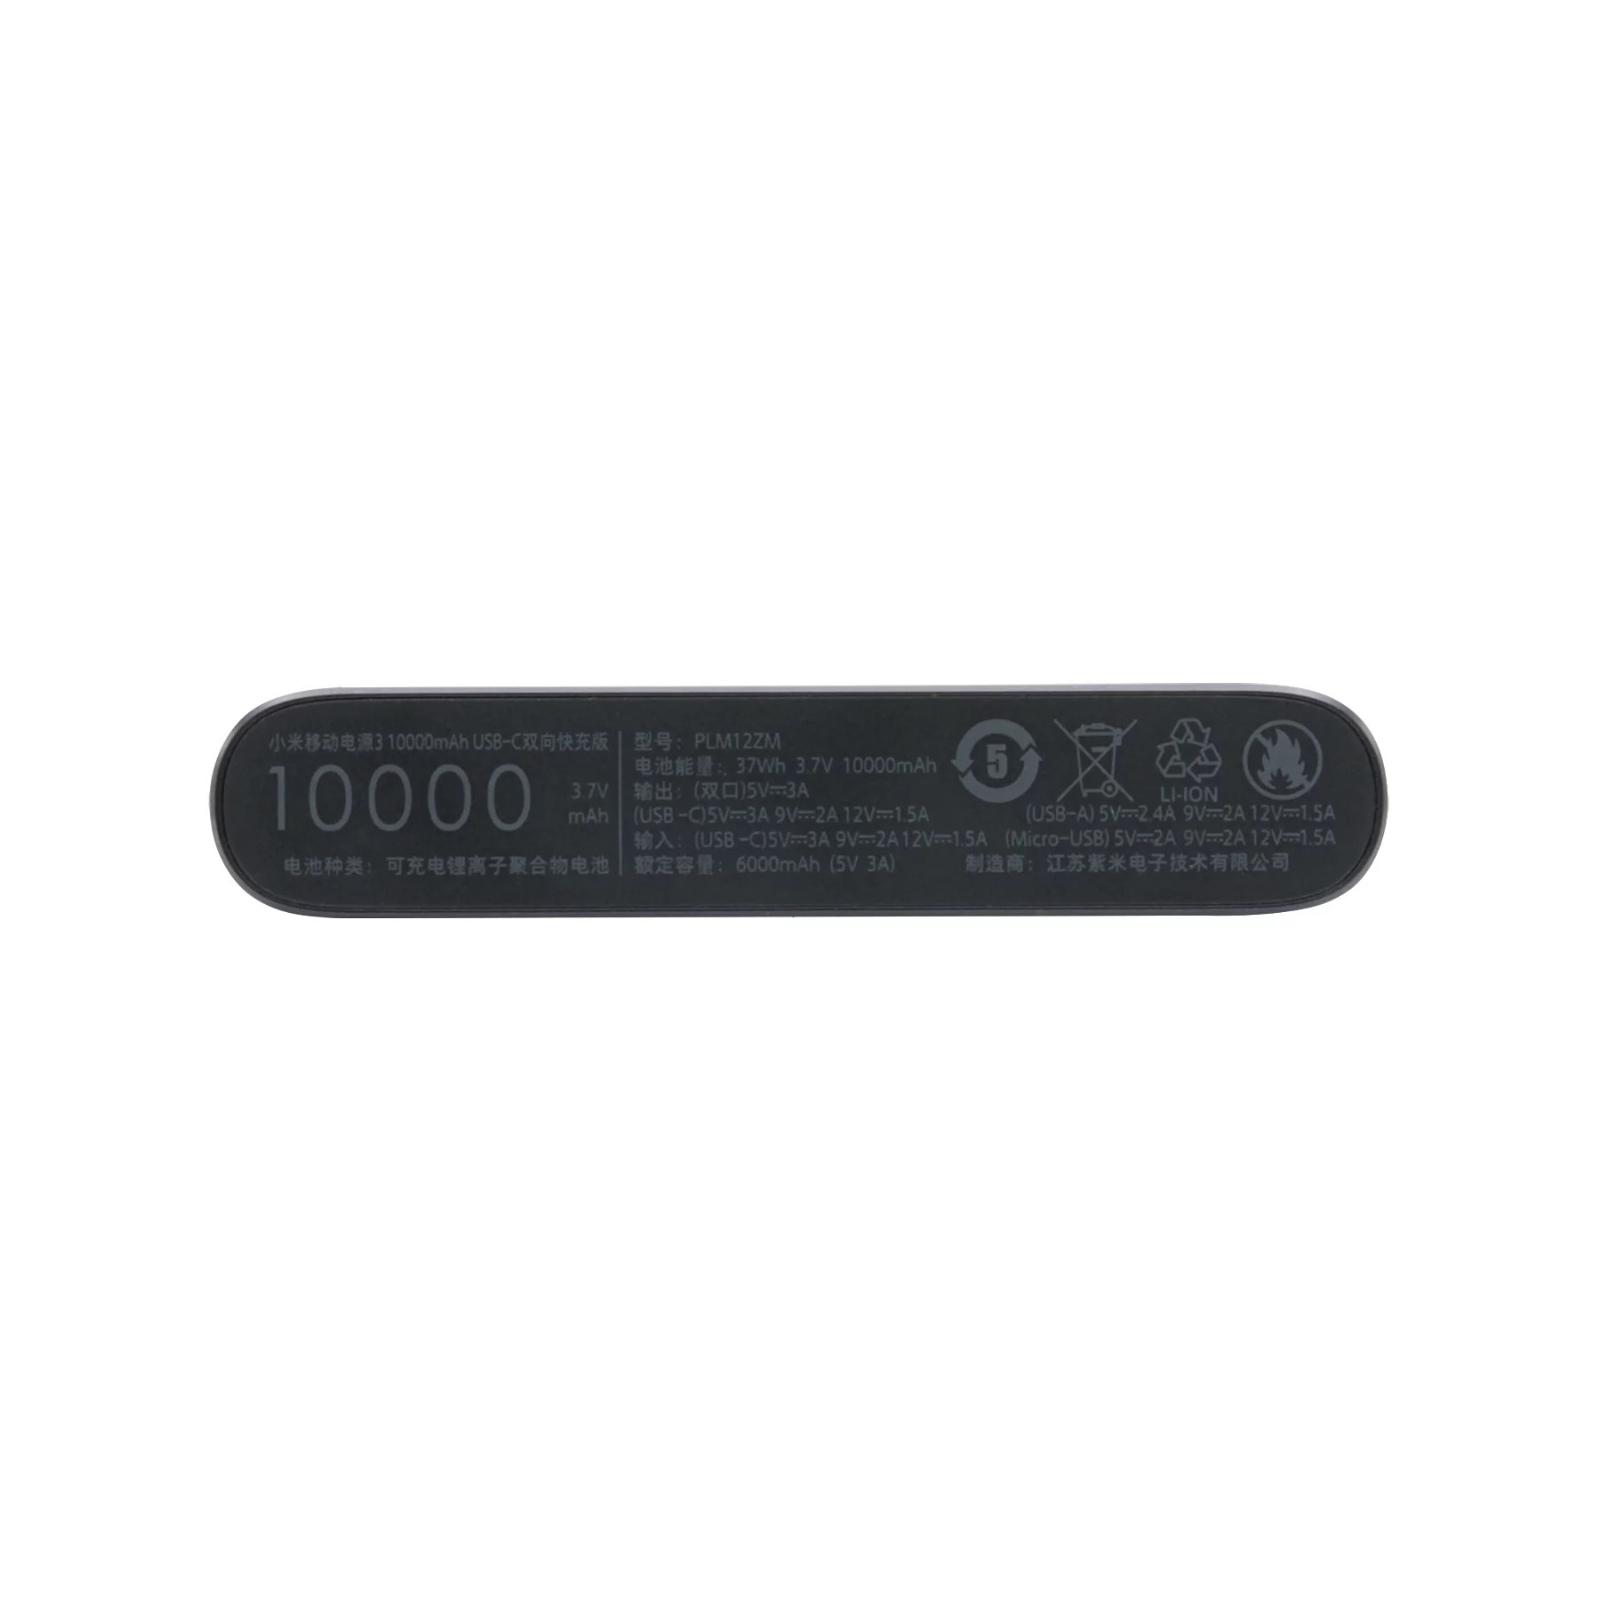 Батарея универсальная Xiaomi Mi Power bank 3 10000mAh QC3.0(Type-C), QC2.0(USB) Black (PLM12ZM-Black) изображение 6